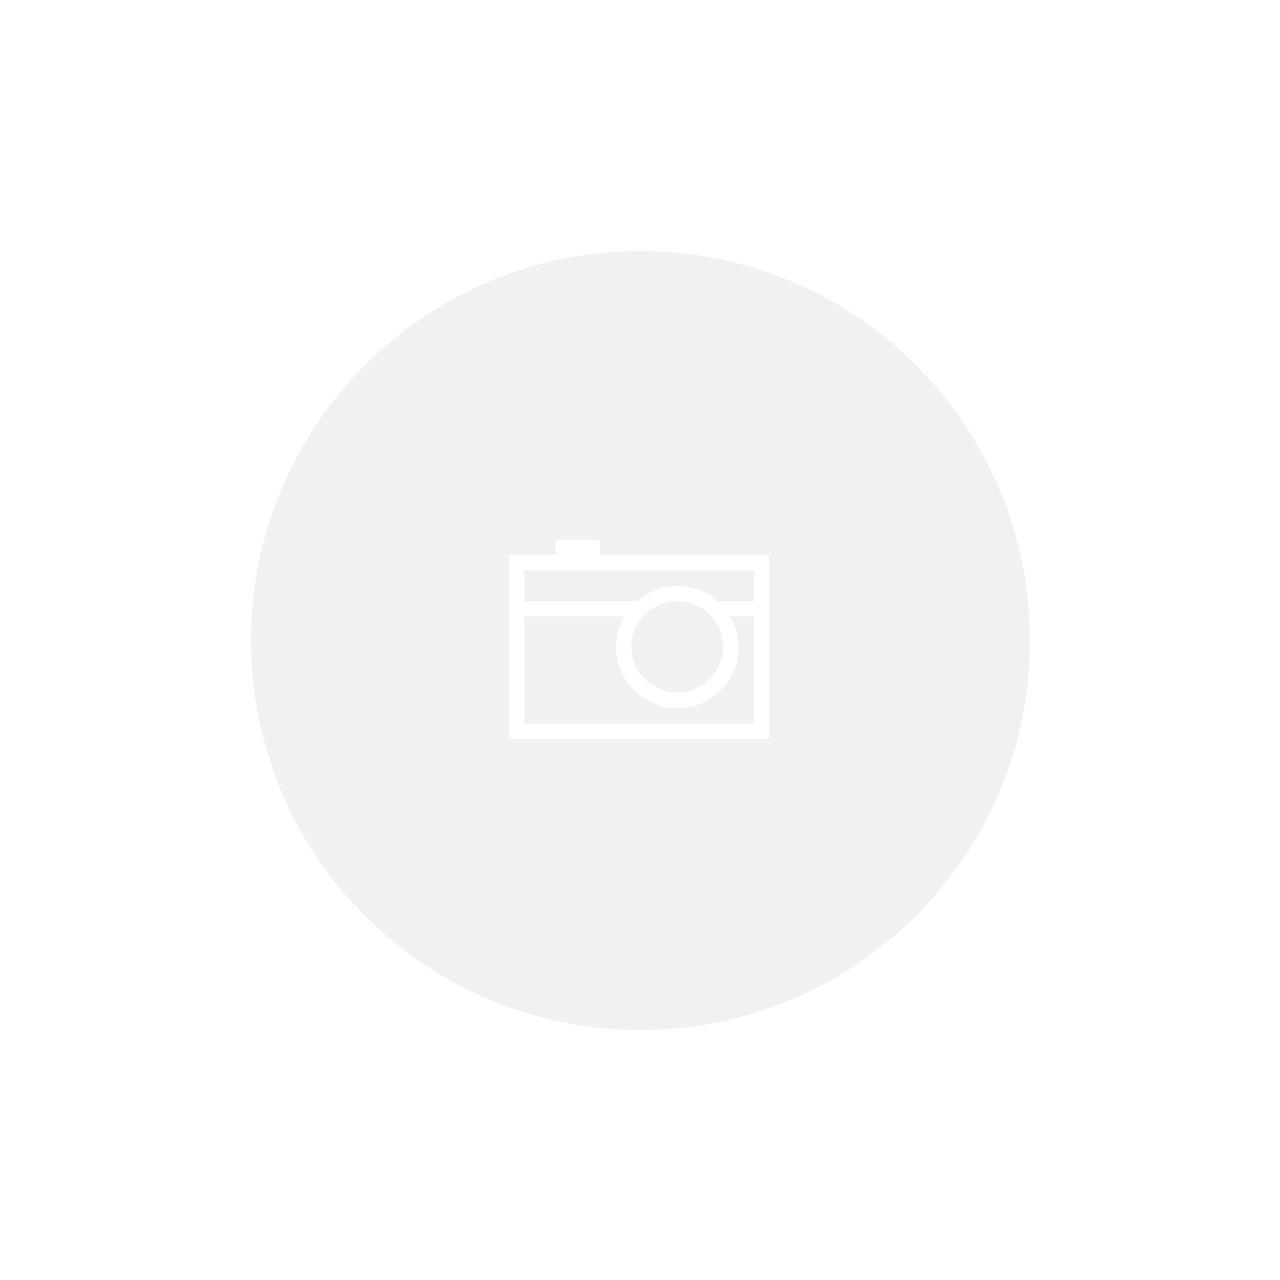 RODAS 29 SENTEC COMP TUBELESS C/ ROLAM. + NÚCLEO XD EAGLE